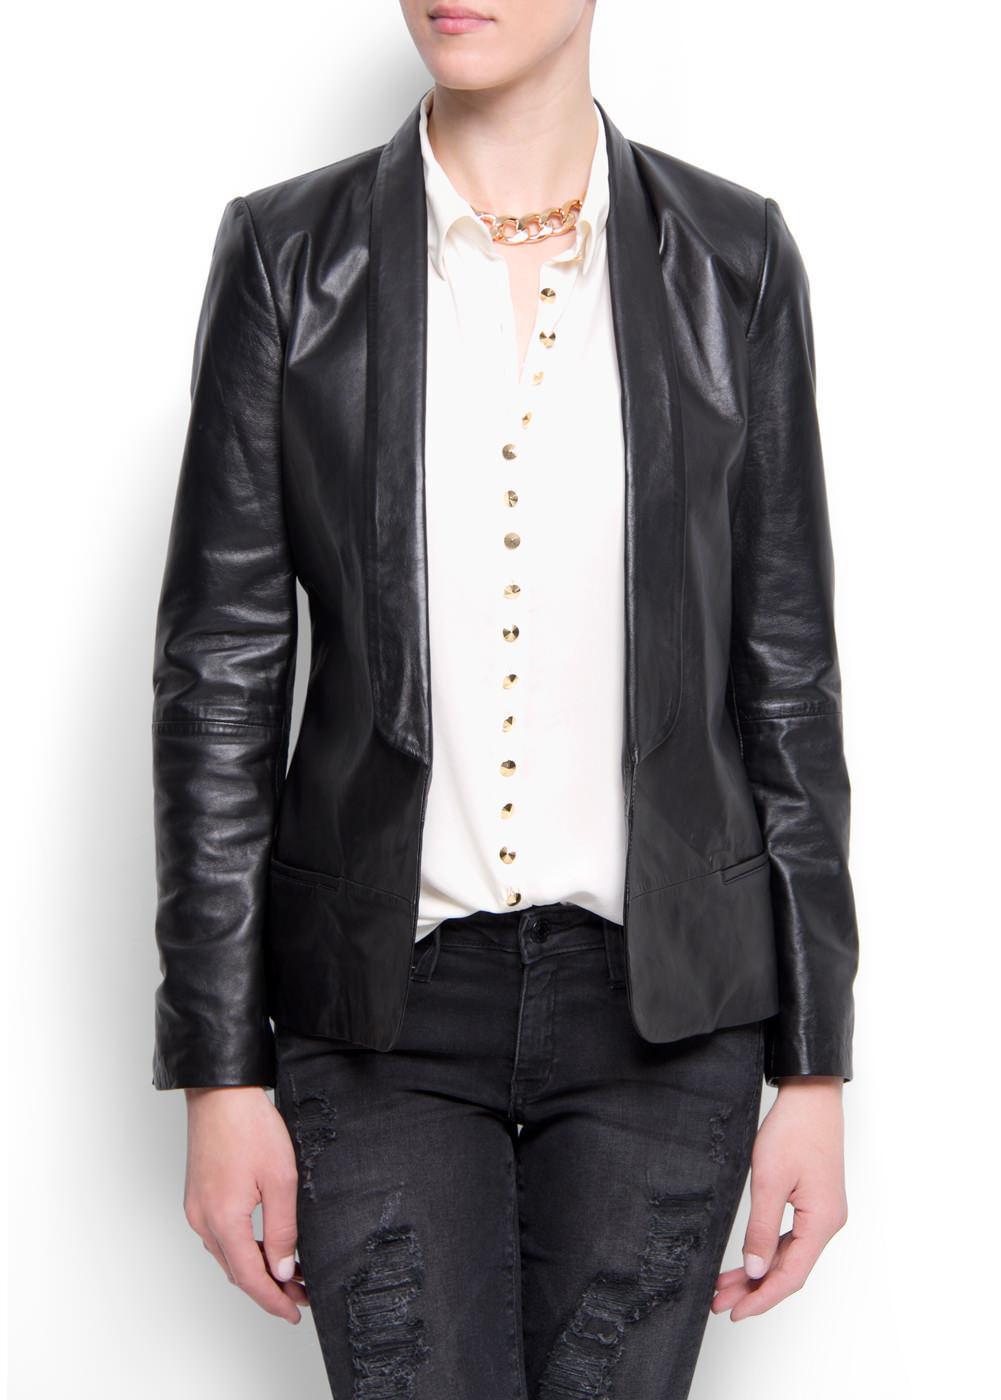 Mango Leather Smoking Blazer in US Size XXS and Eur Size XS